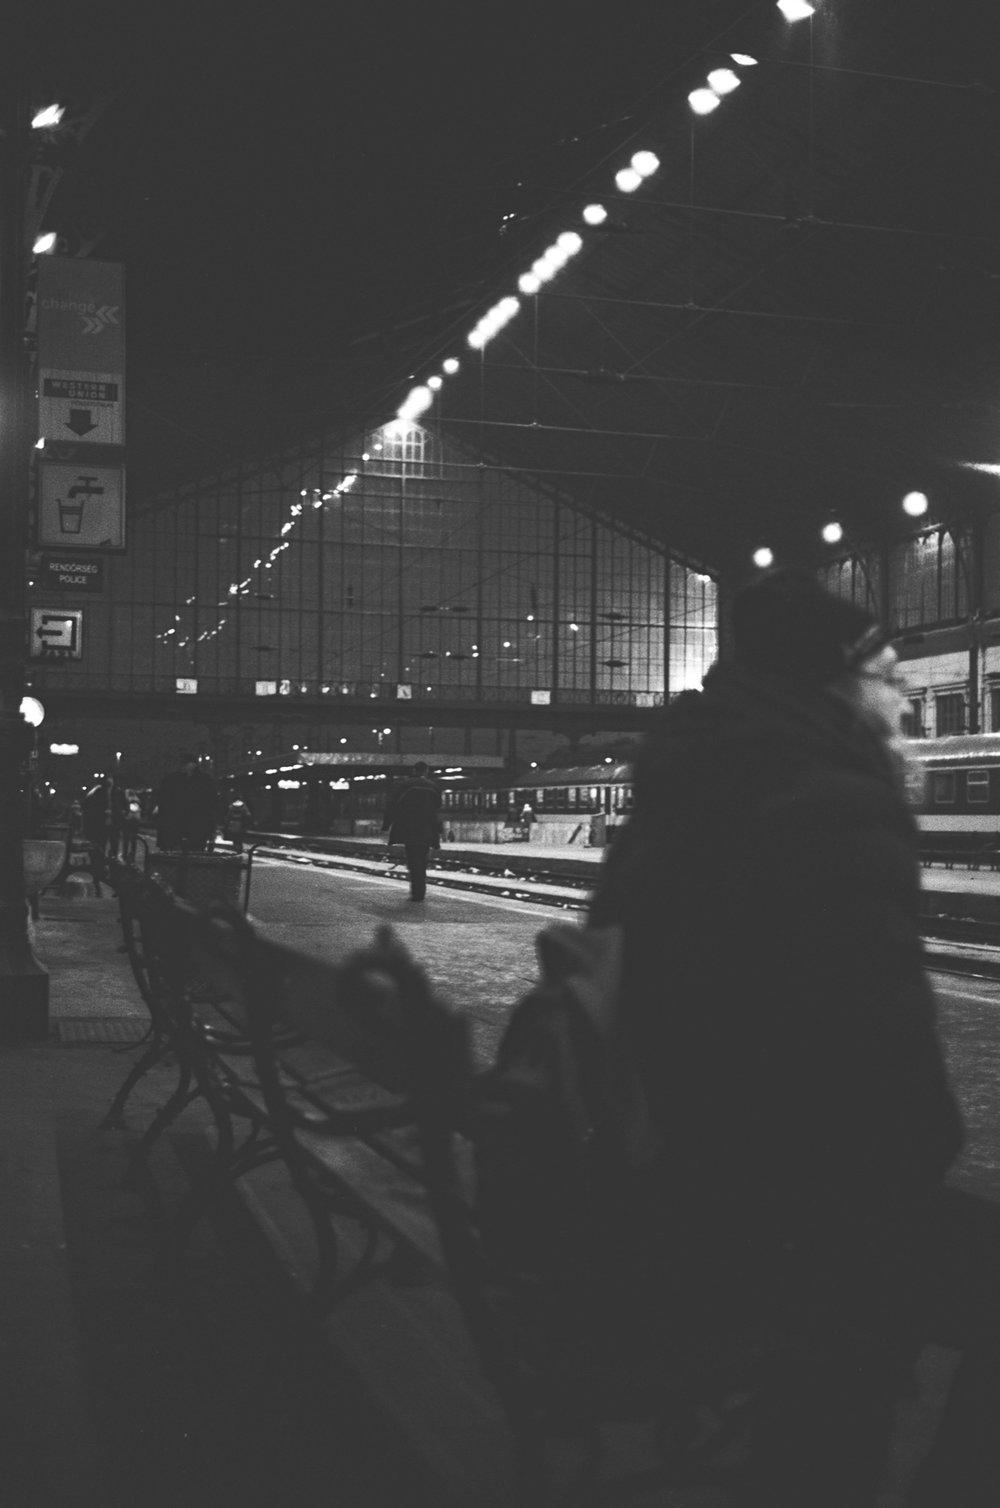 cameraville_santa_rae_1000_bw_film_9.jpg